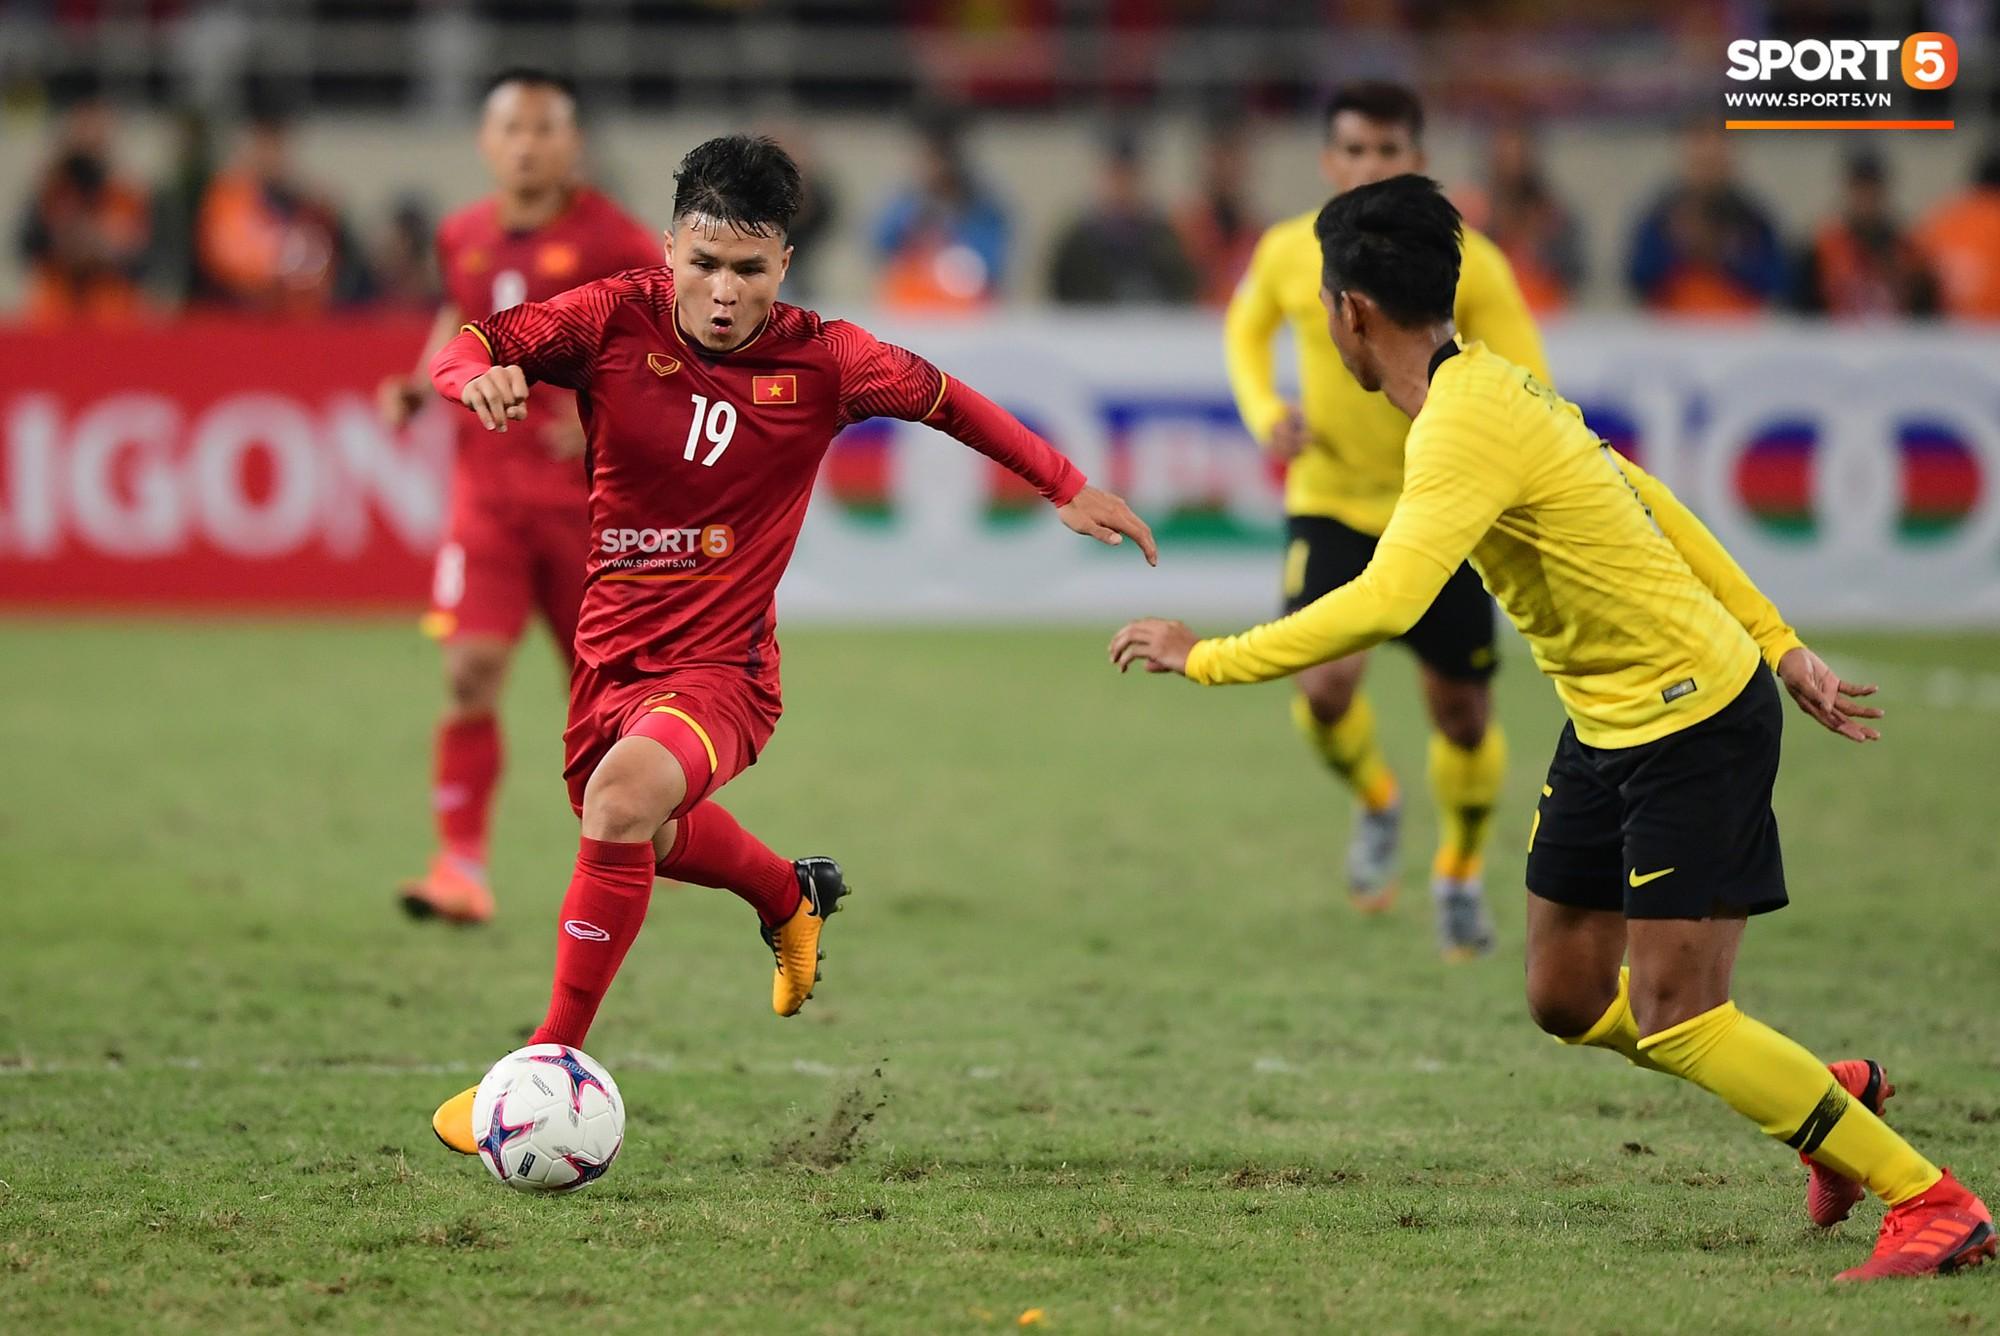 Quang Hải xếp sau nhà vô địch ASIAD ở cuộc bầu chọn VĐV tiêu biểu toàn quốc 2018 - Hình 2